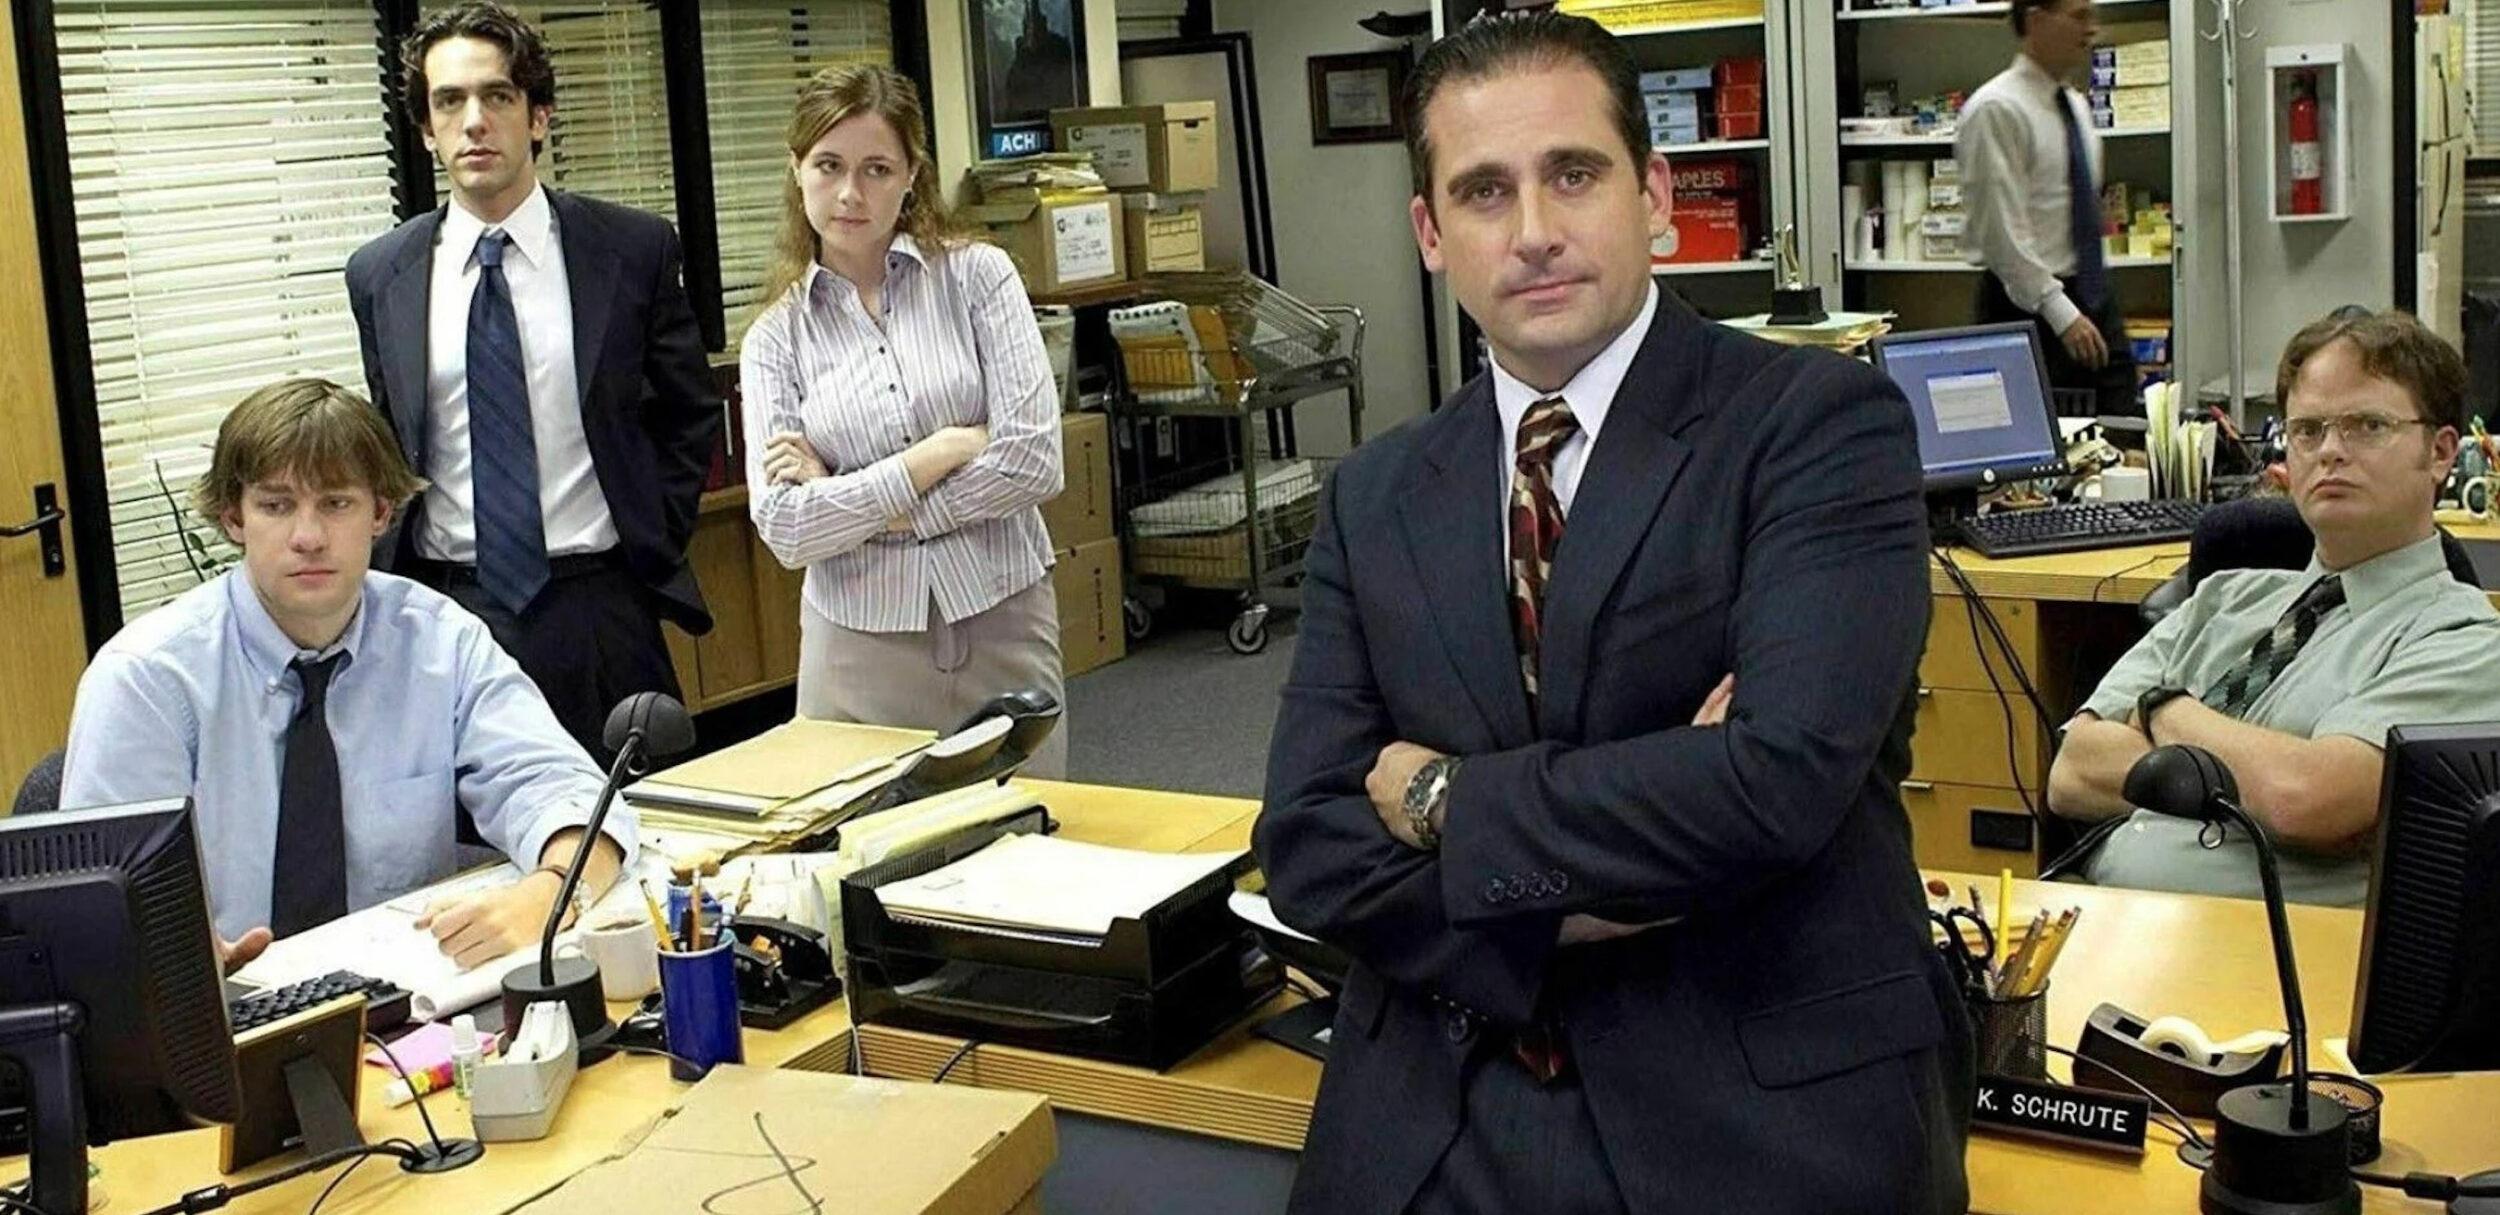 Un groupe de collègues à l'air blasé, dans la série The Office.